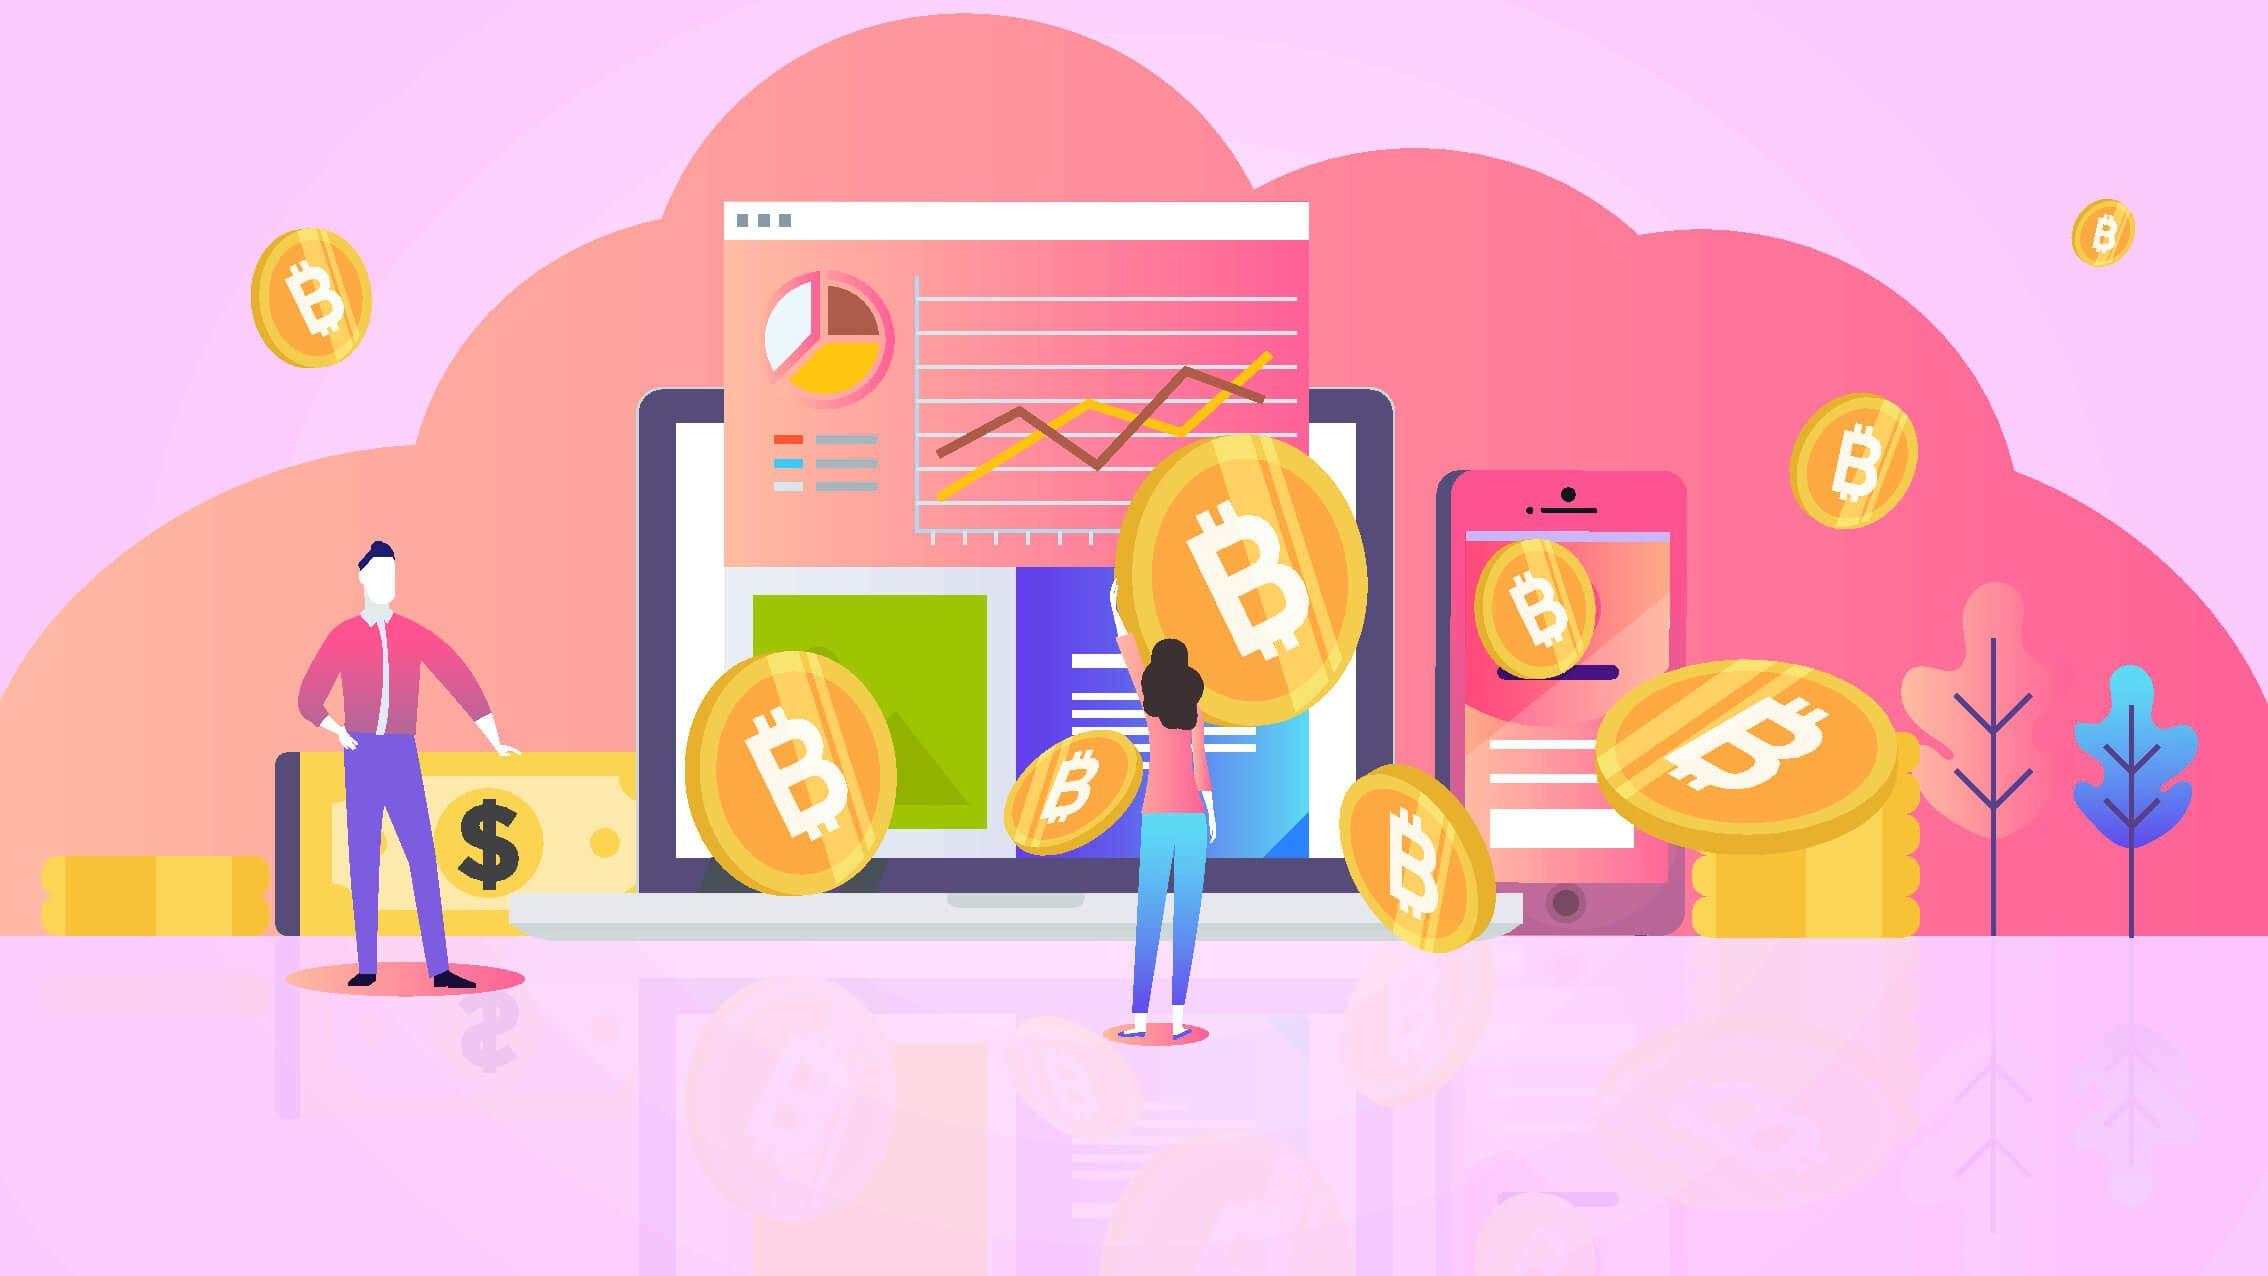 Питер Шифф: «Крипто-киты» богатеют с помощью мелких держателей Bitcoin